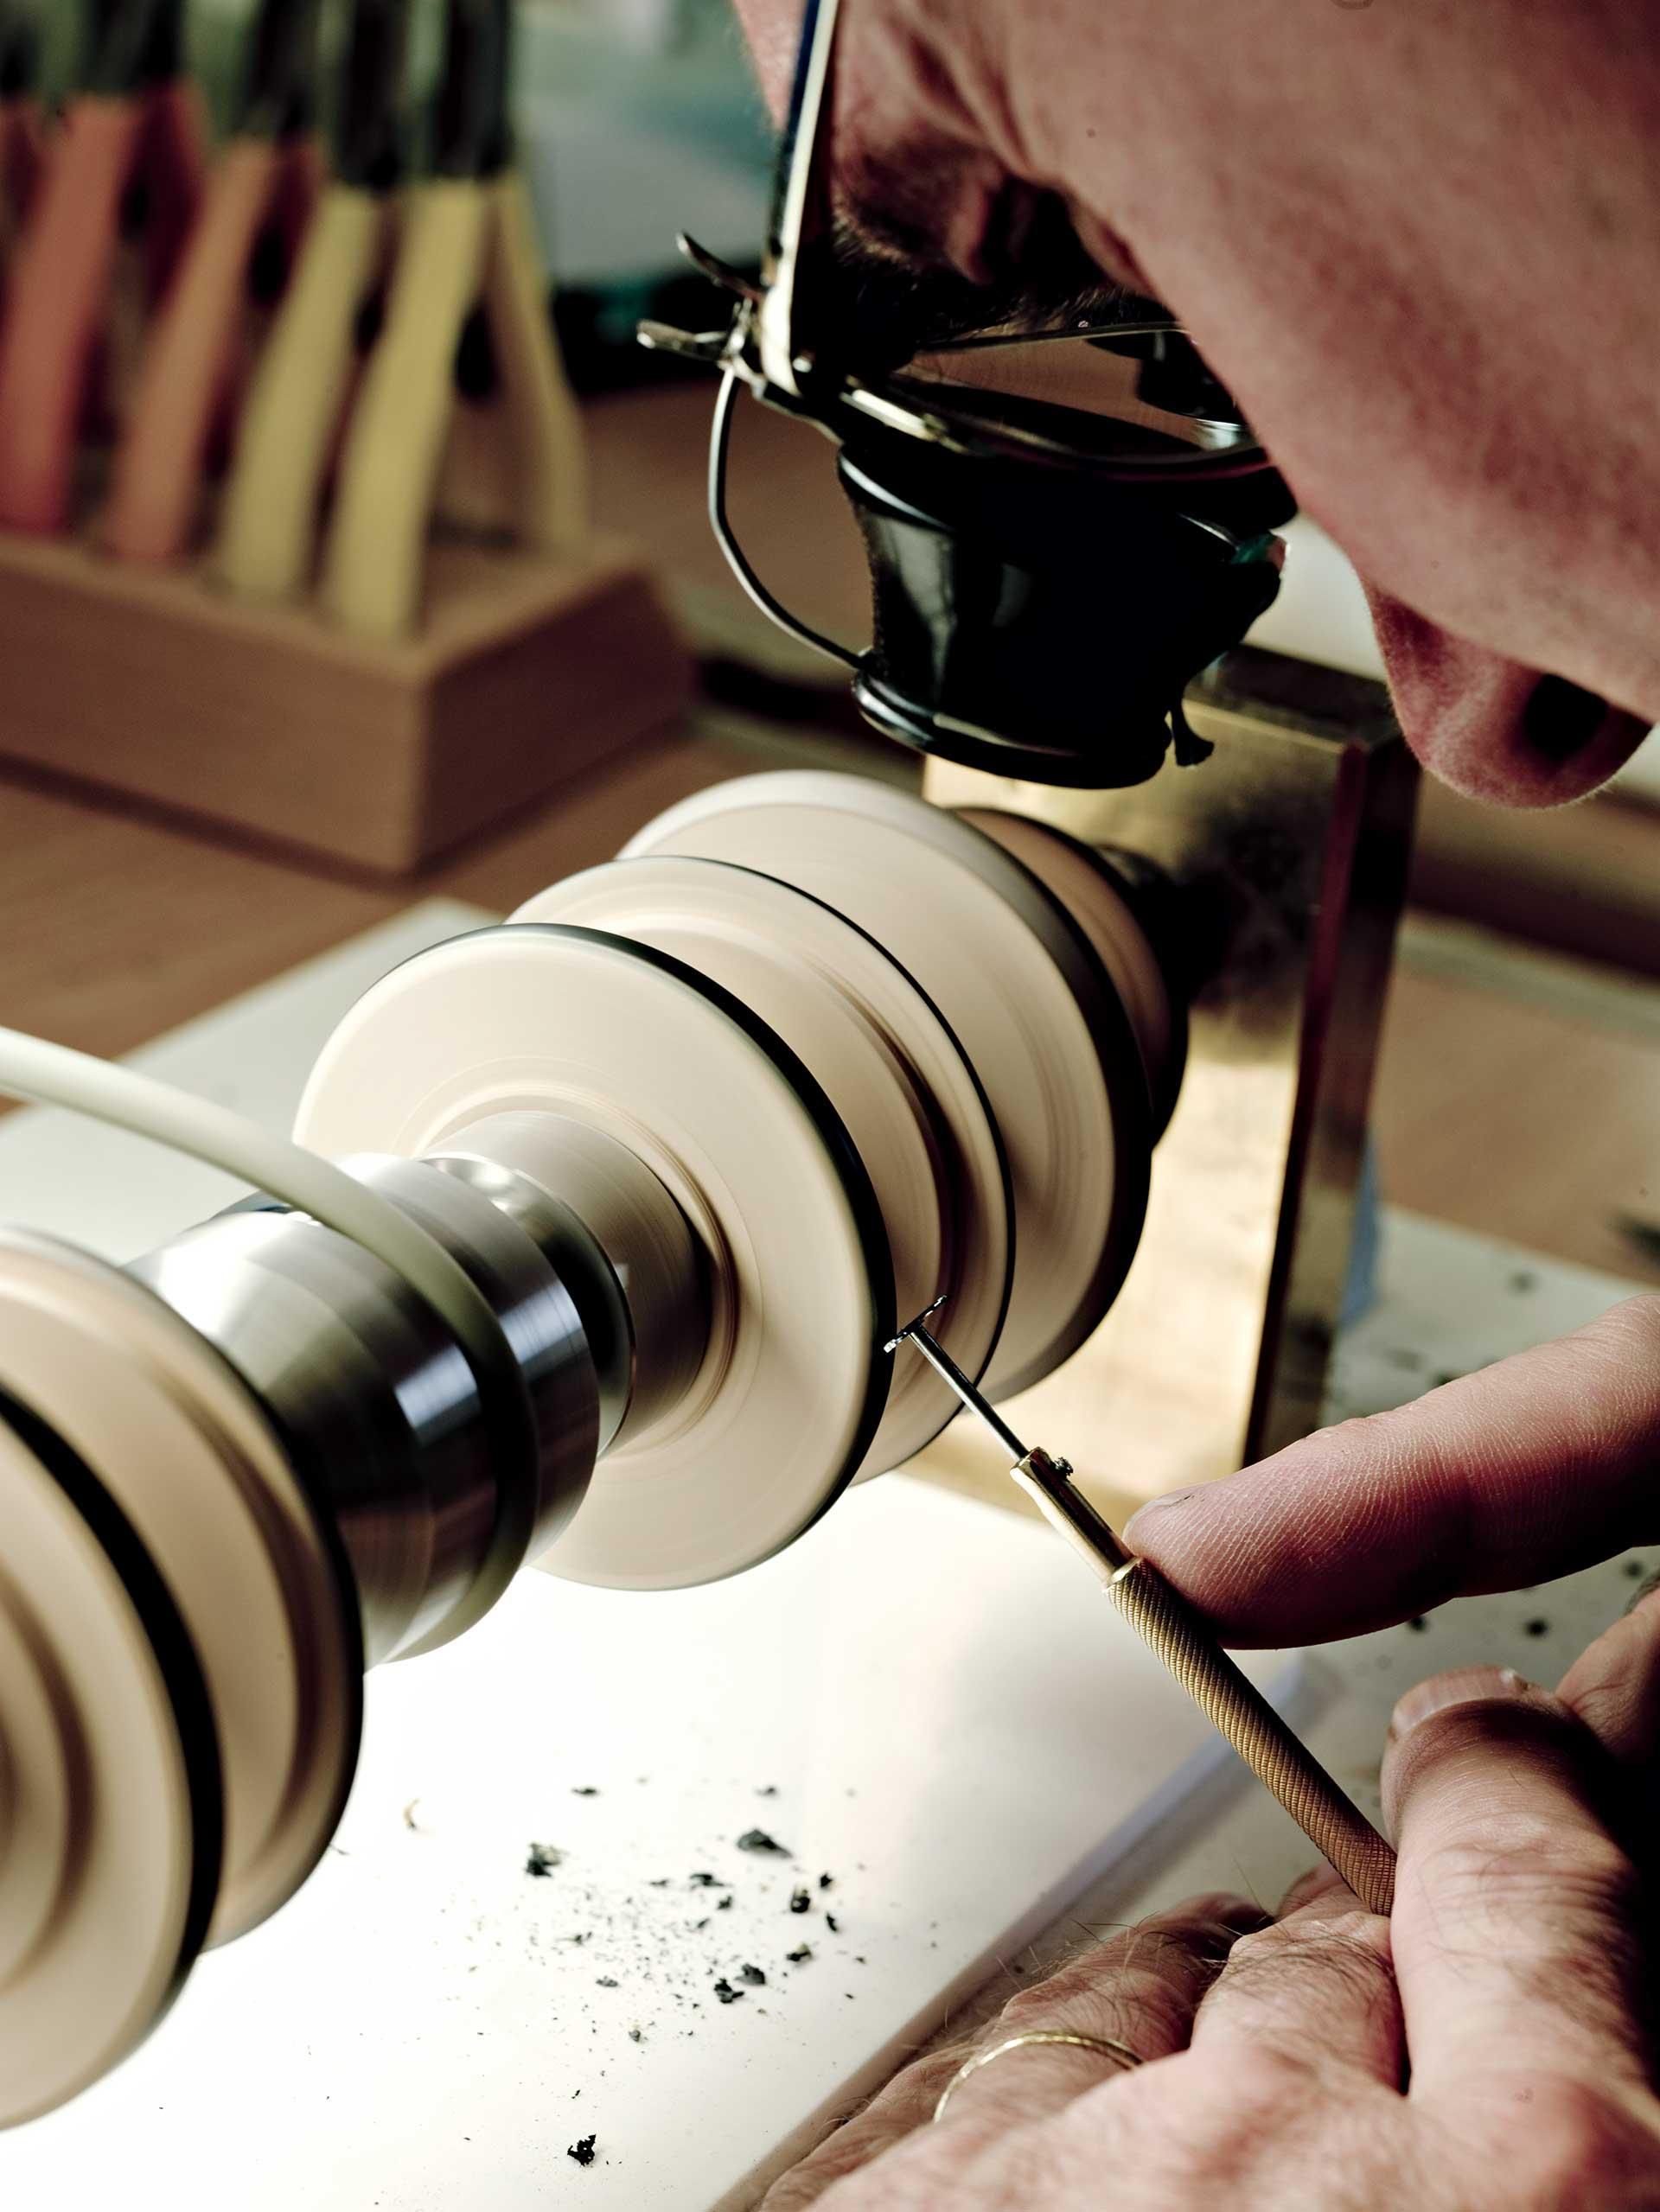 Nach dem Anglieren wird die angebrachte Schräge beziehungsweise Fase poliert – hier an einer Holzpolierscheibe.